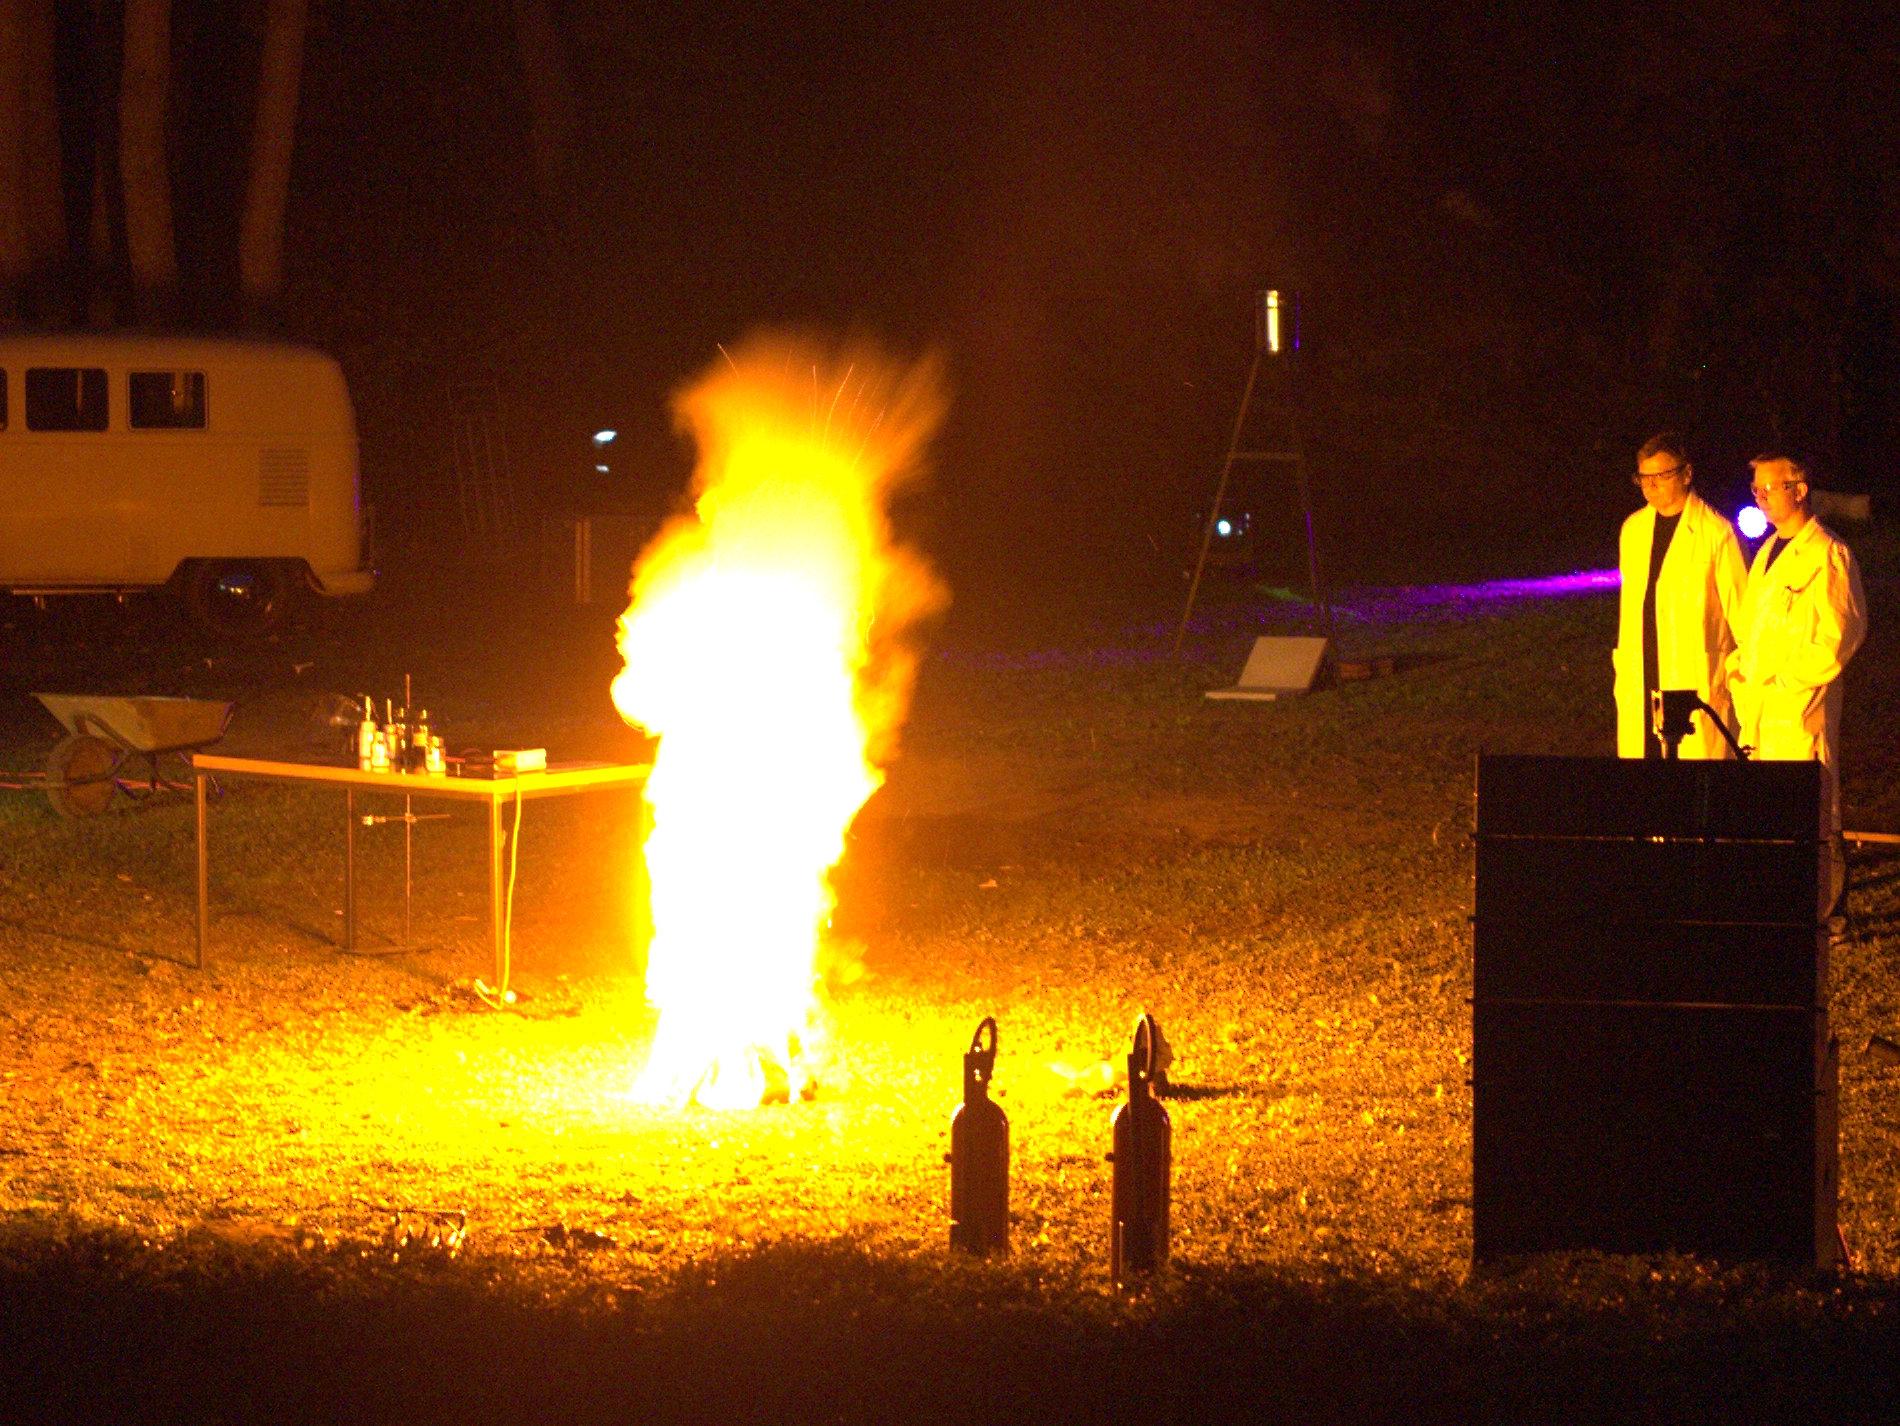 Einige Farbspielereien mit dem Feuer - je nachdem, welche Chemie reingekippt wird.